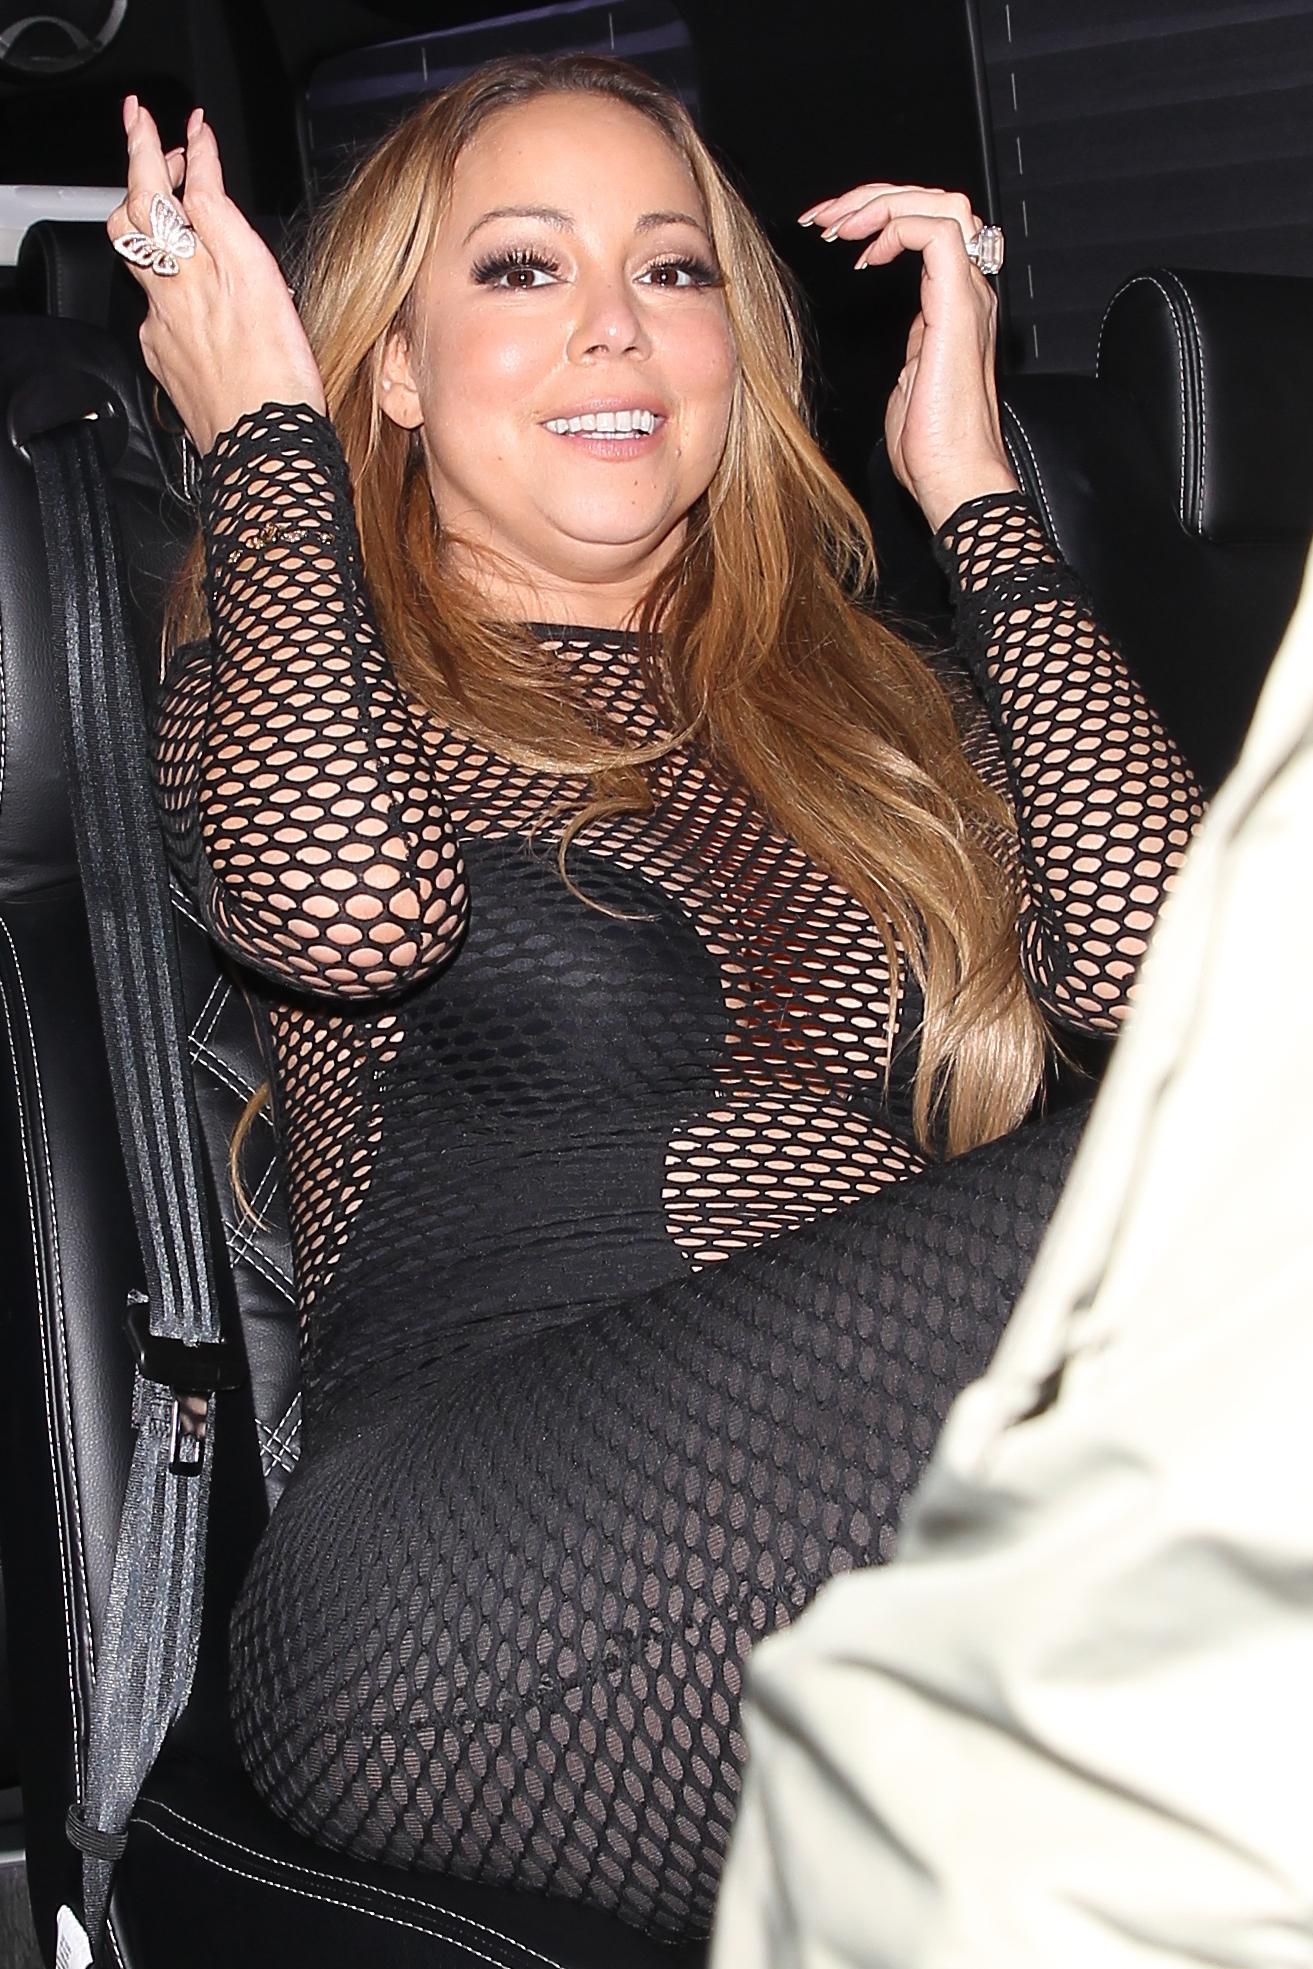 Mariah-Carey-Areola-Peek-1